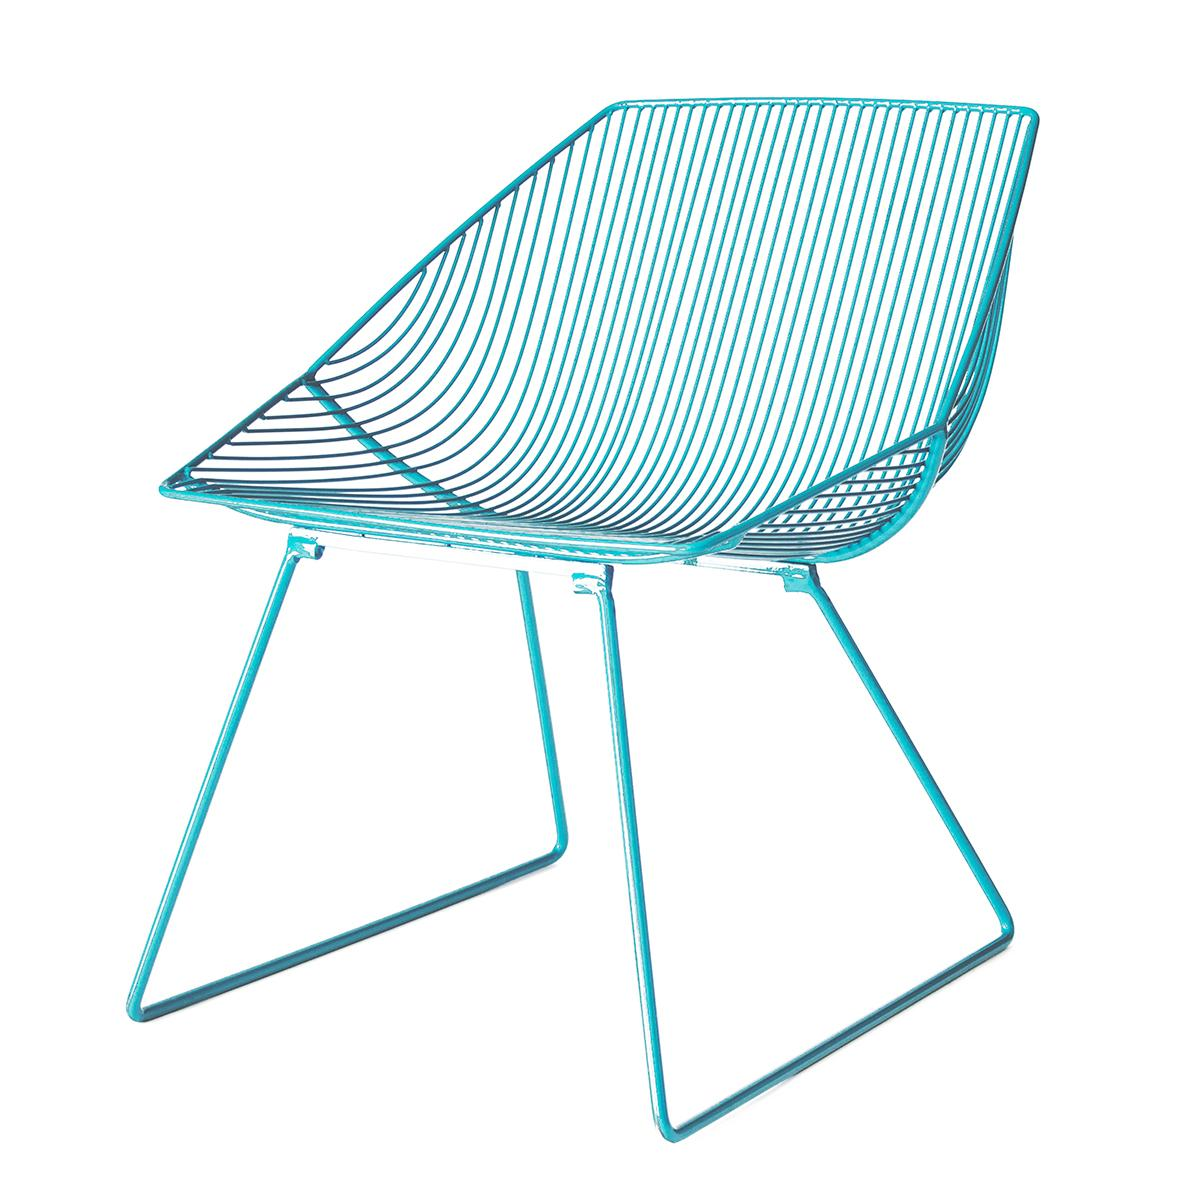 Astonishing Bunny Lounge Chair Creativecarmelina Interior Chair Design Creativecarmelinacom